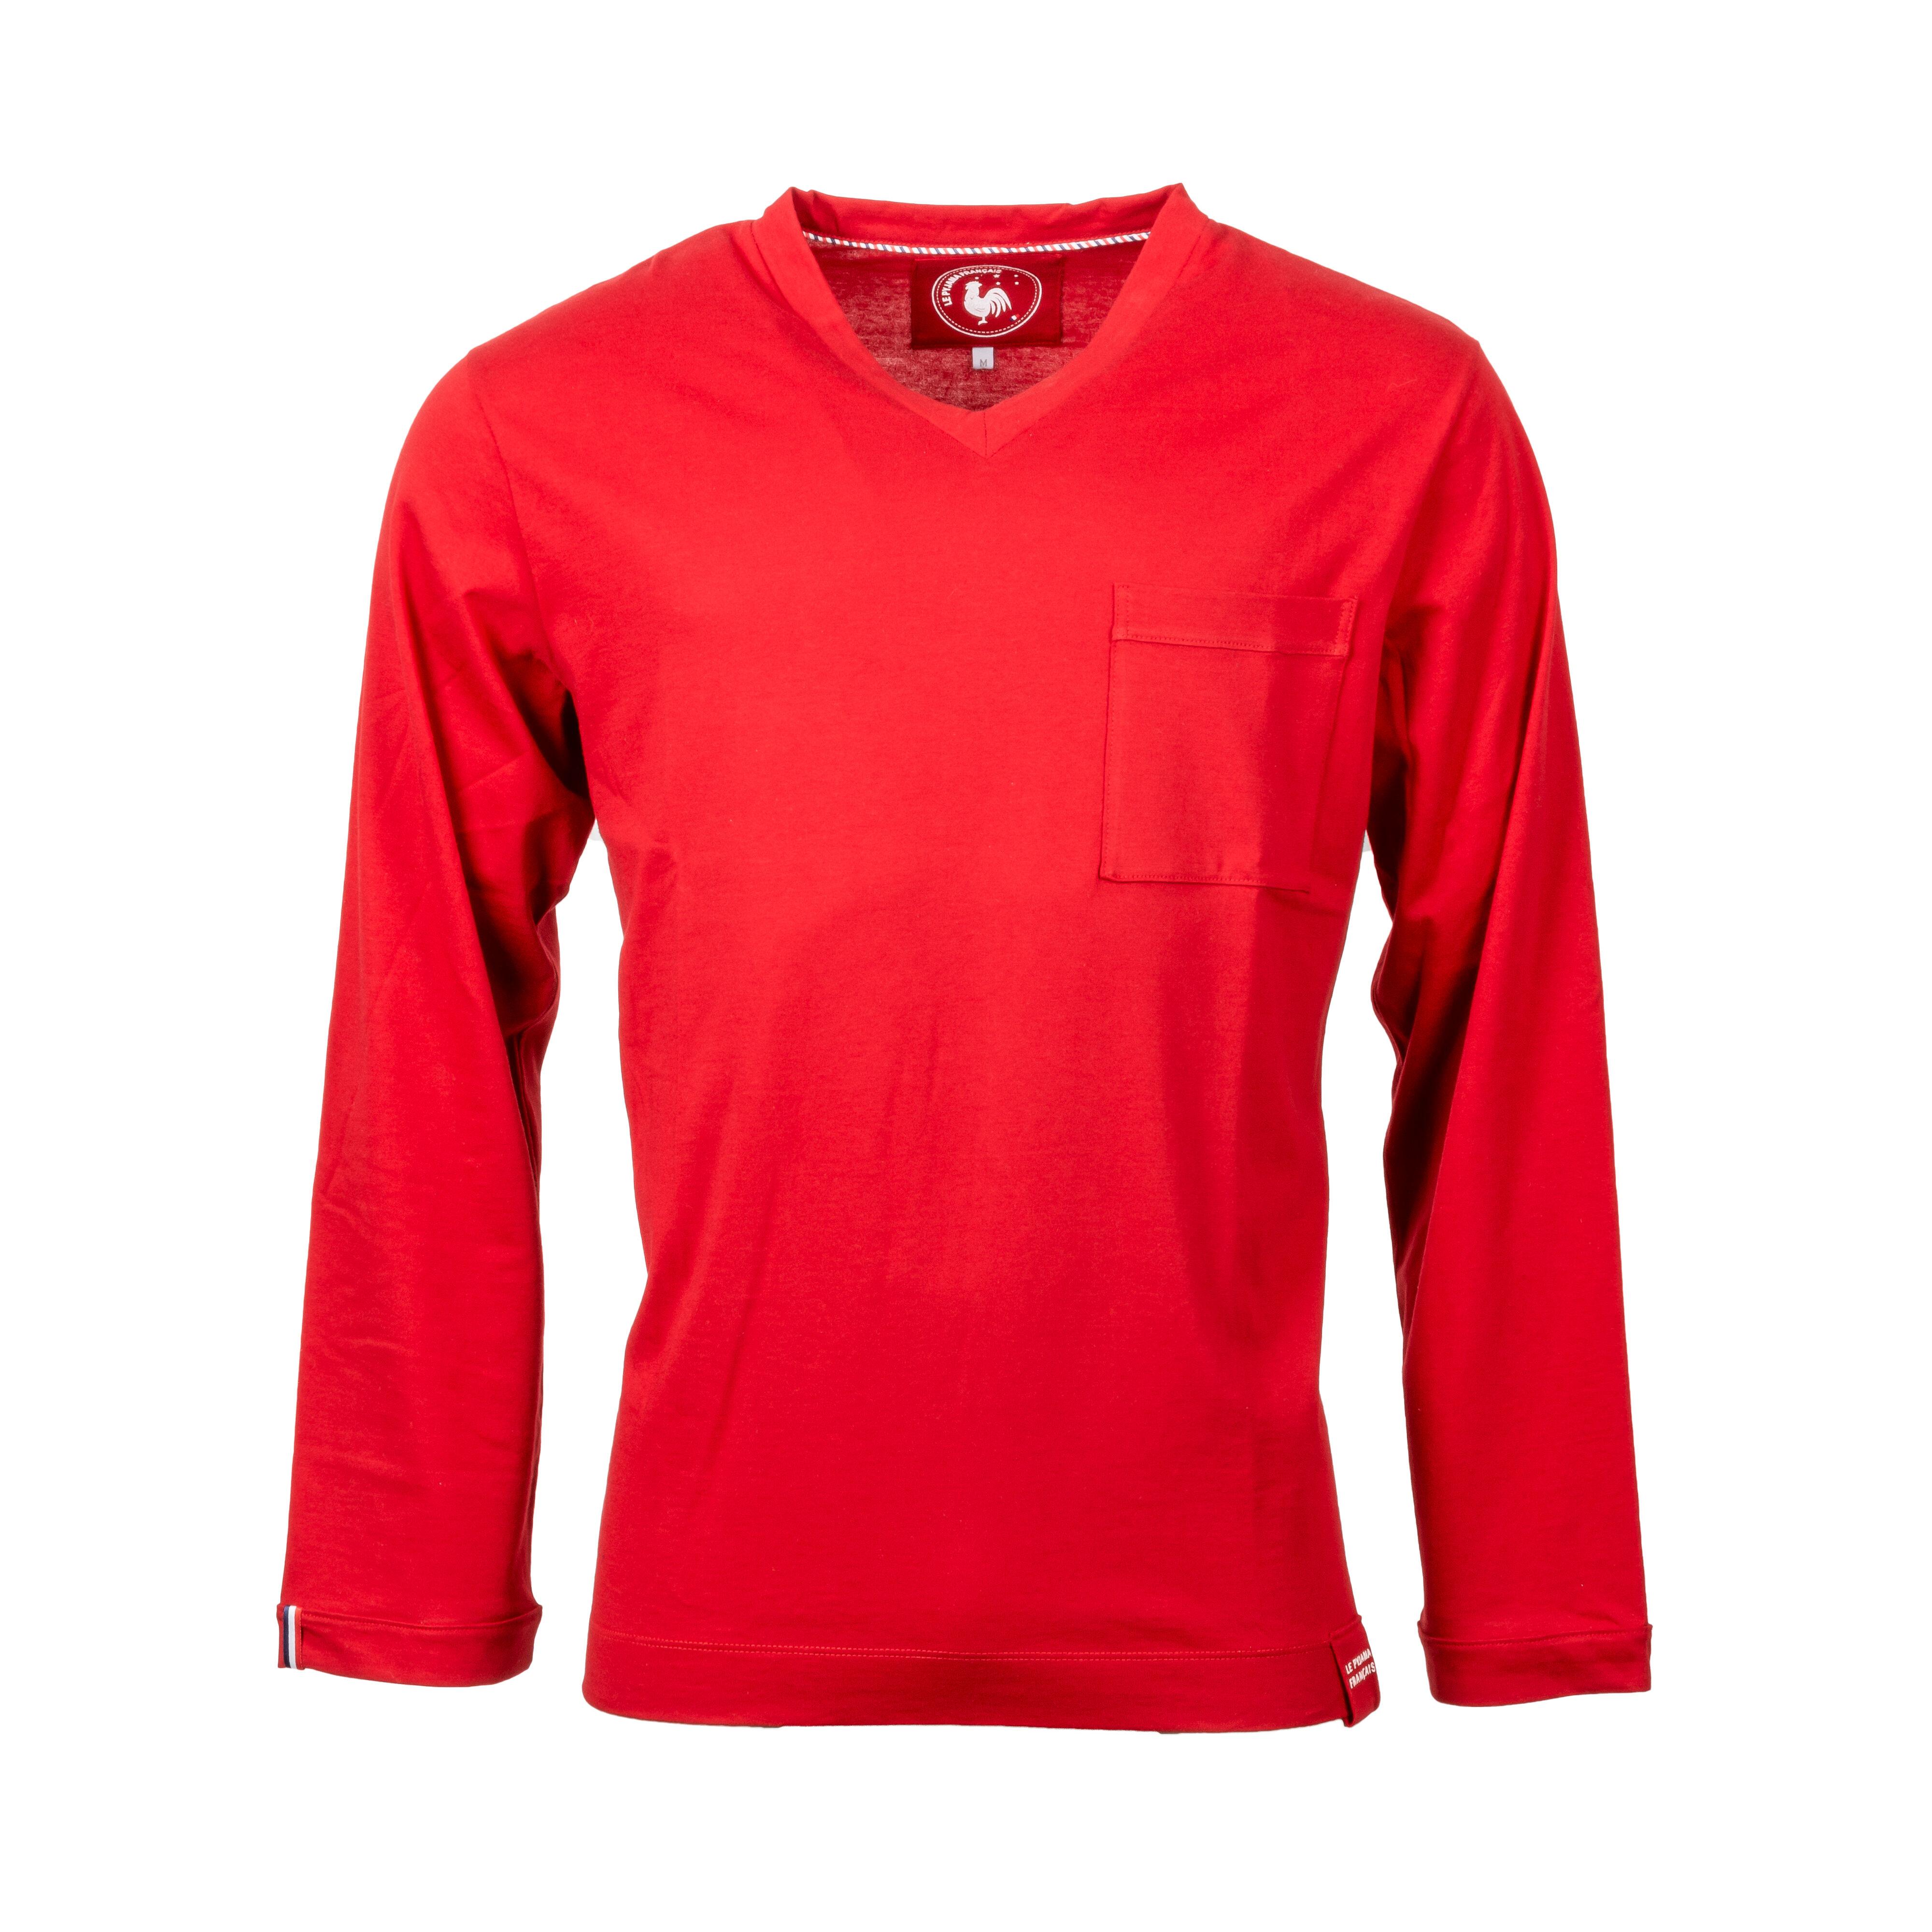 Le Pyjama Français Tee-shirt de pyjama manches longues Made in France Le Pyjama Français en coton rouge - ROUGE - XL